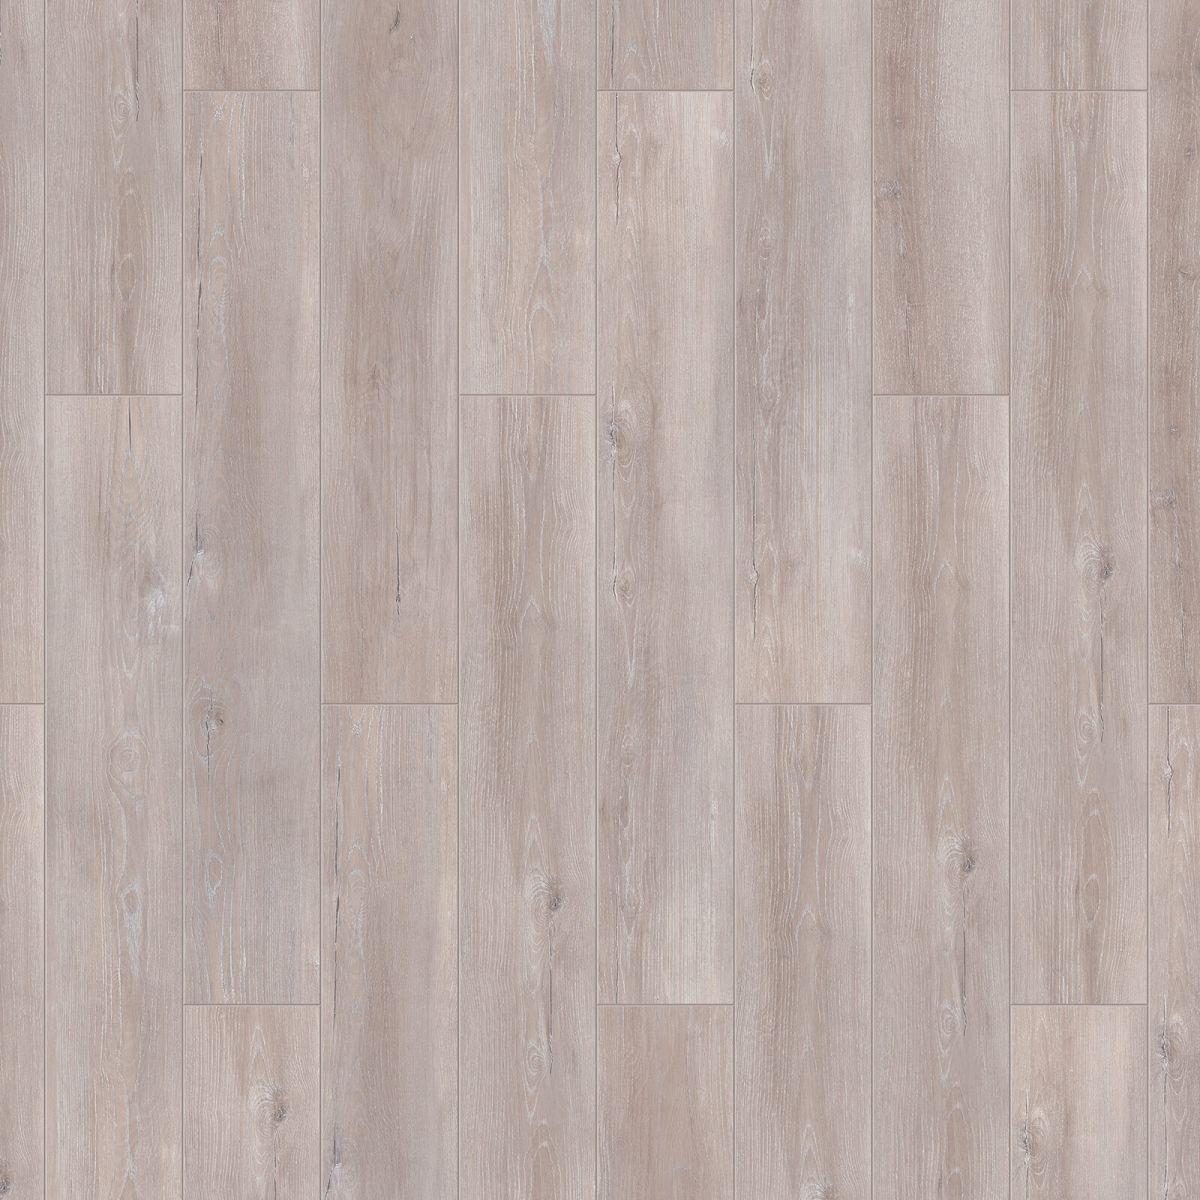 Ламинат Taiga Первая Сибирская 1032 Ясень серый